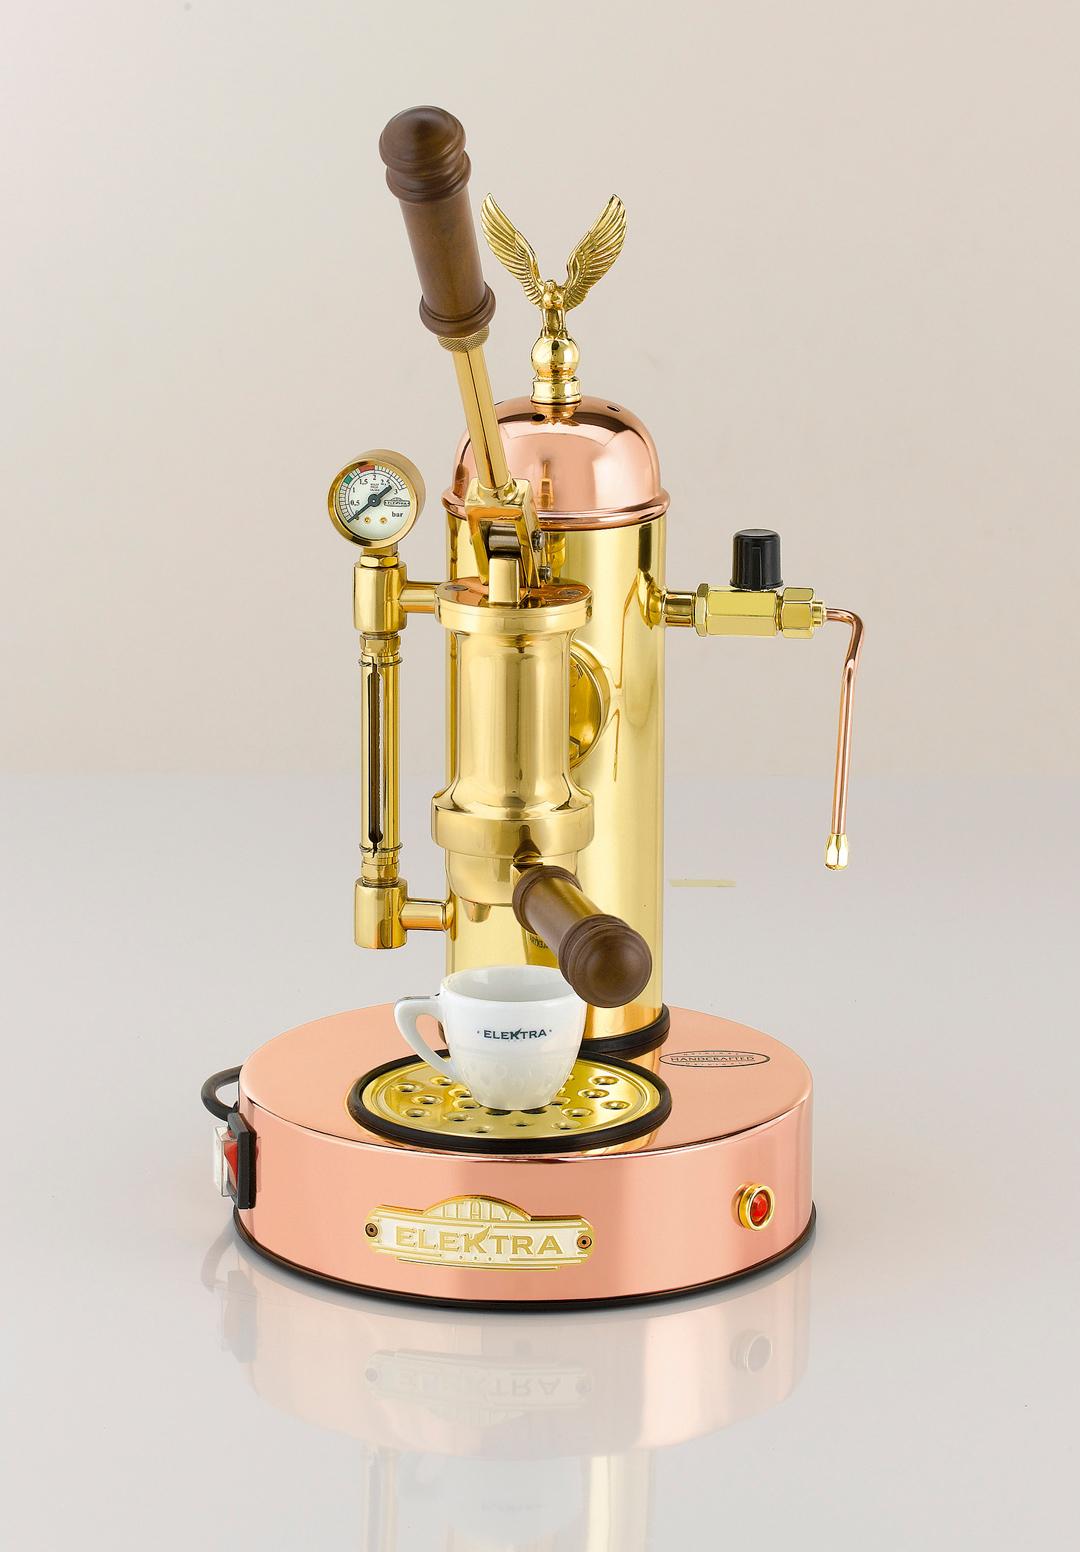 Art of Espresso event